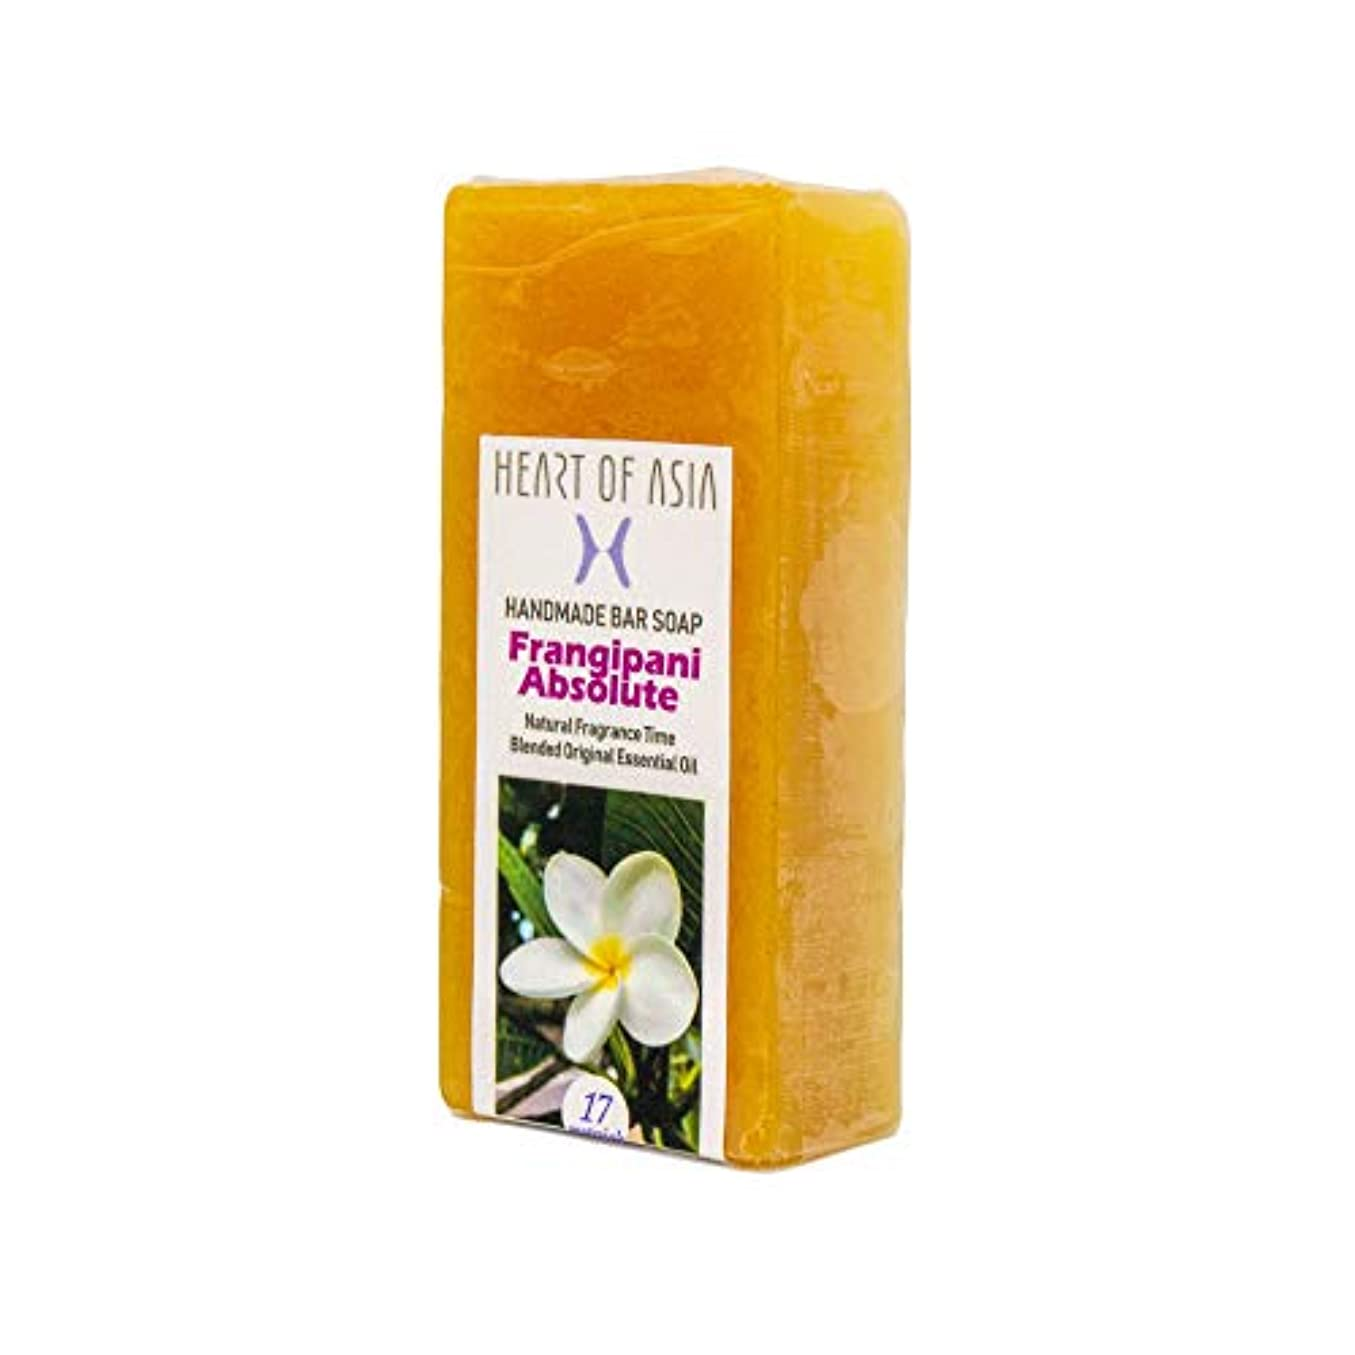 根拠クアッガクローン香水のようなフレグランス石けん HANDMADE BAR SOAP ~Frangipani Absolute~ (単品)